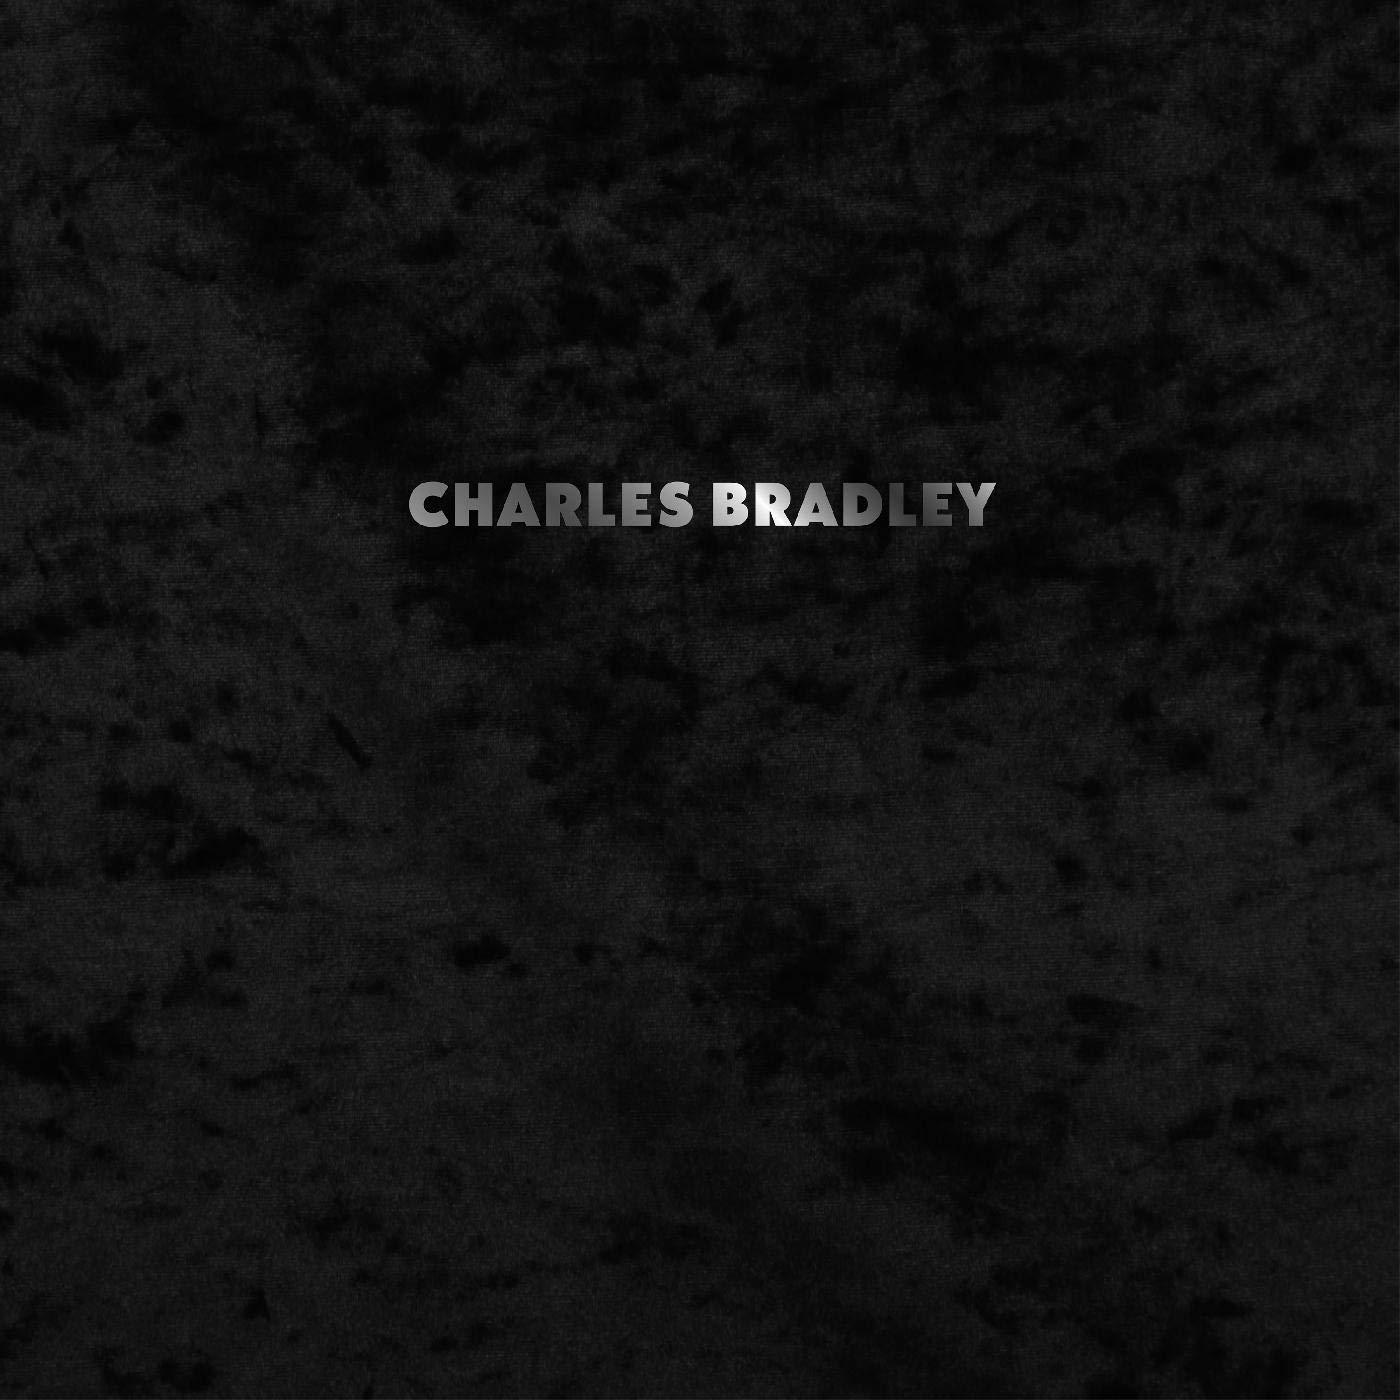 Charles Bradley - Black Velvet Deluxe